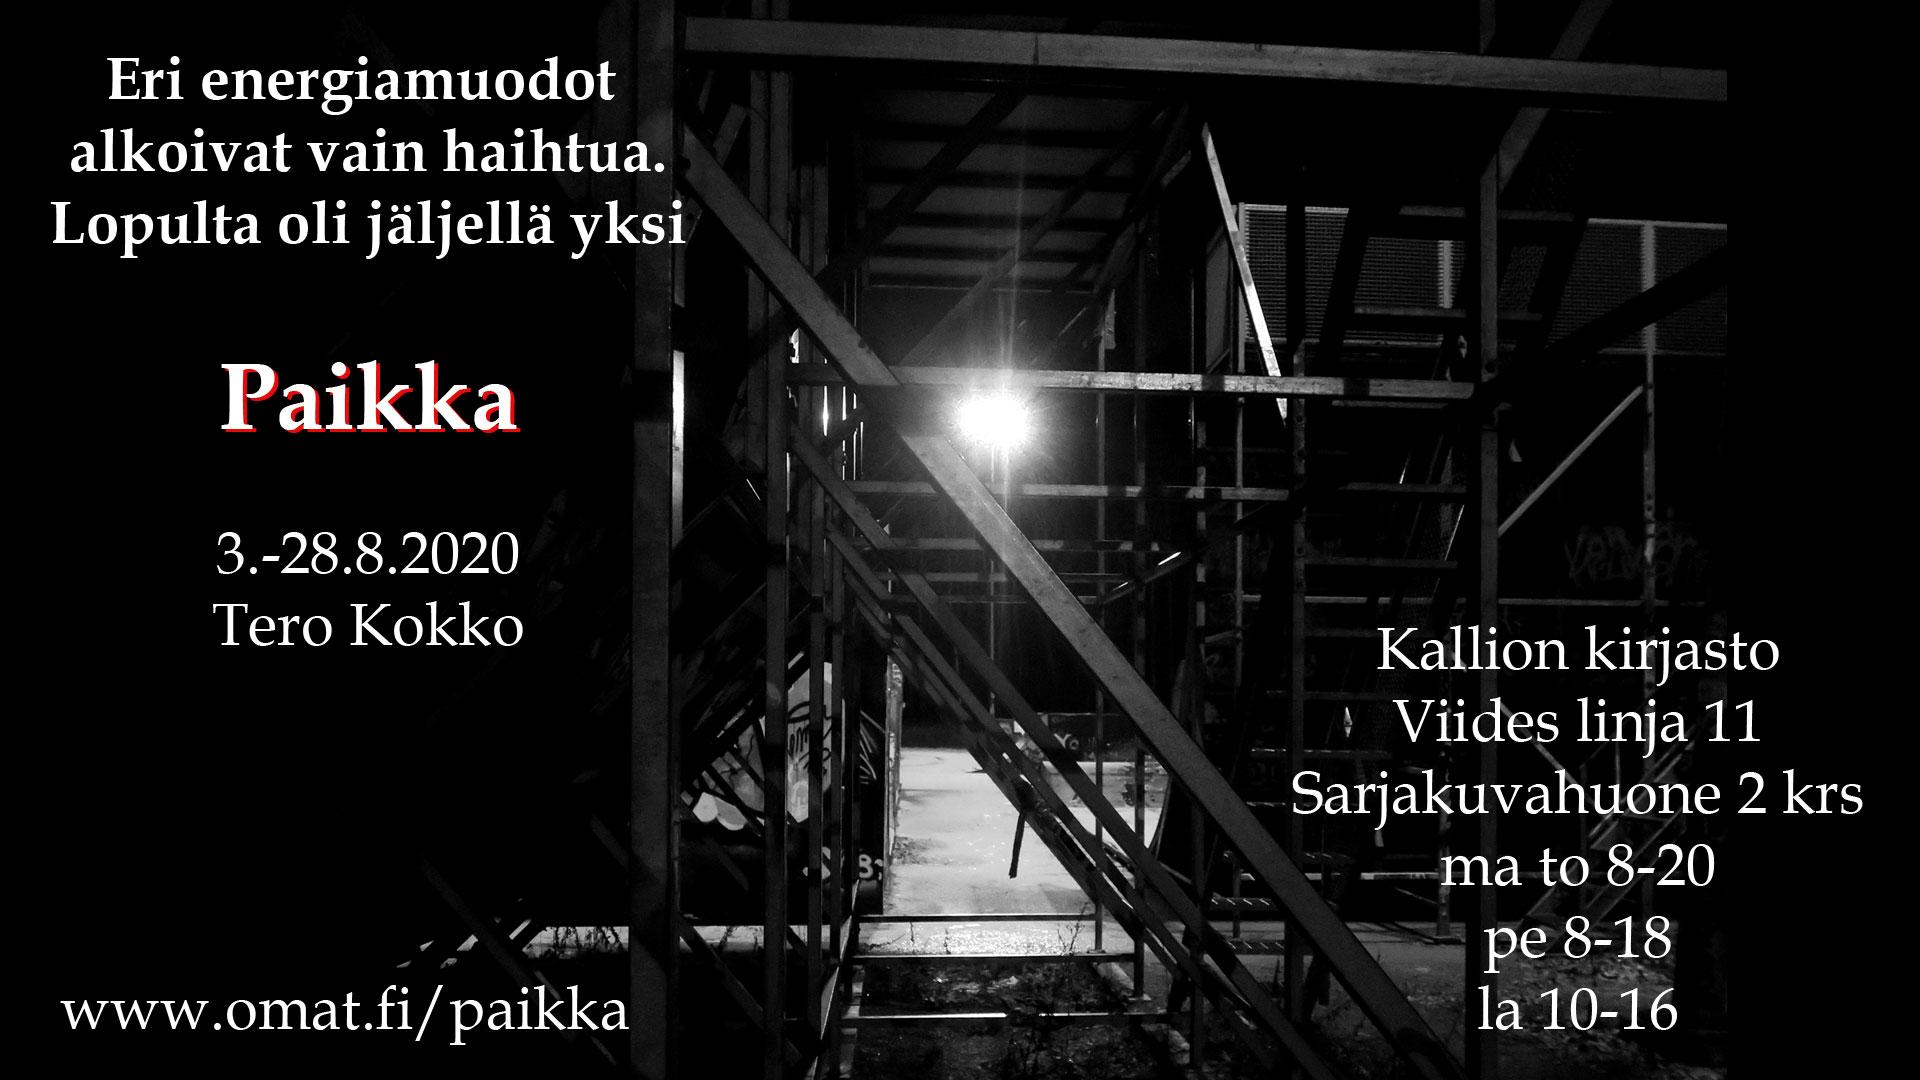 Länken till evenemang Paikka -valokuvanäyttely